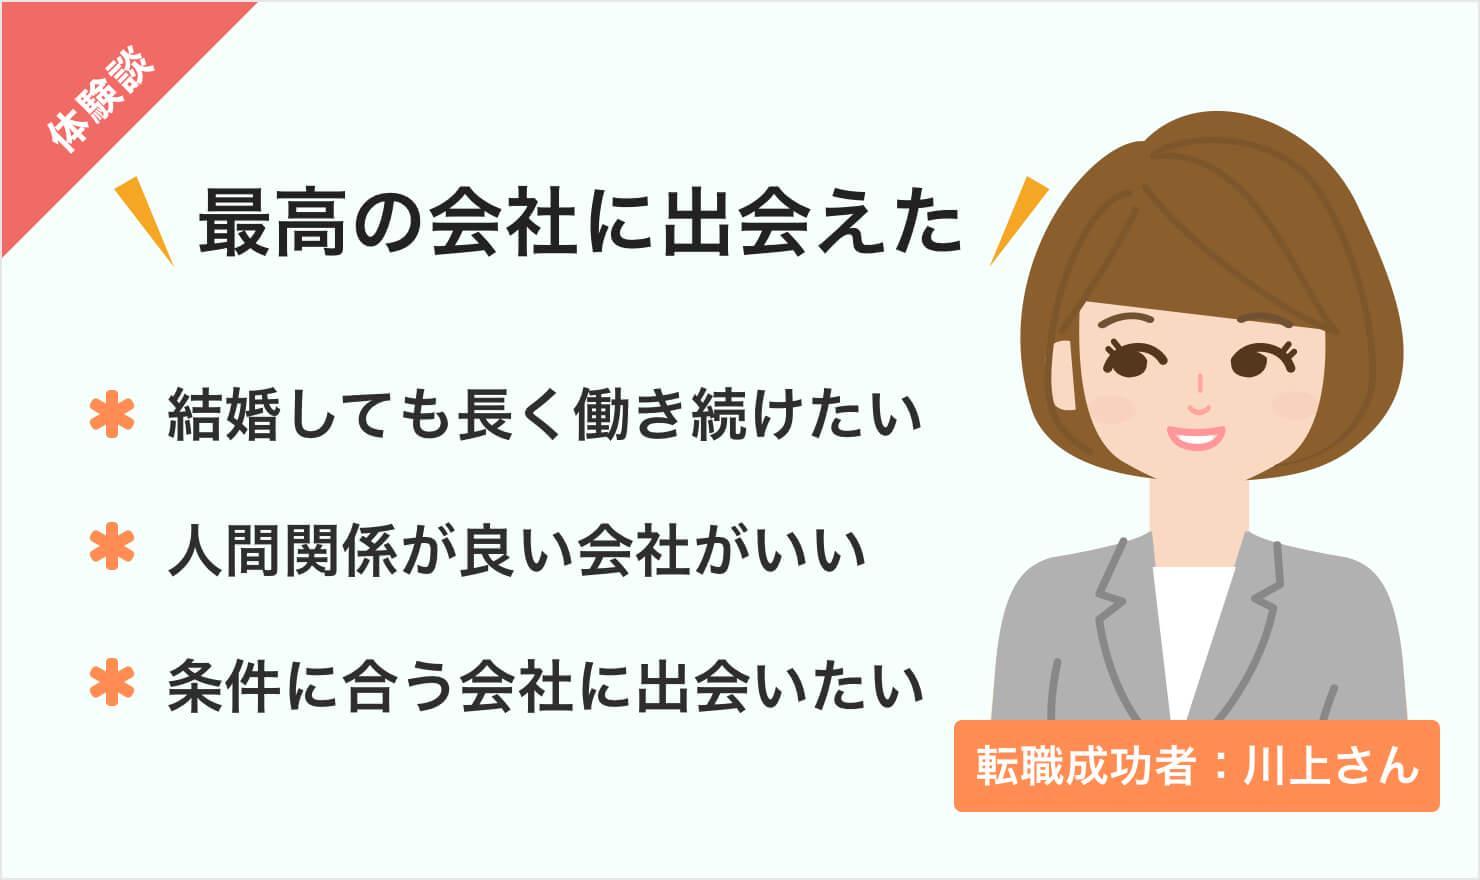 【体験談共有】最高の会社に出会えた転職成功事例